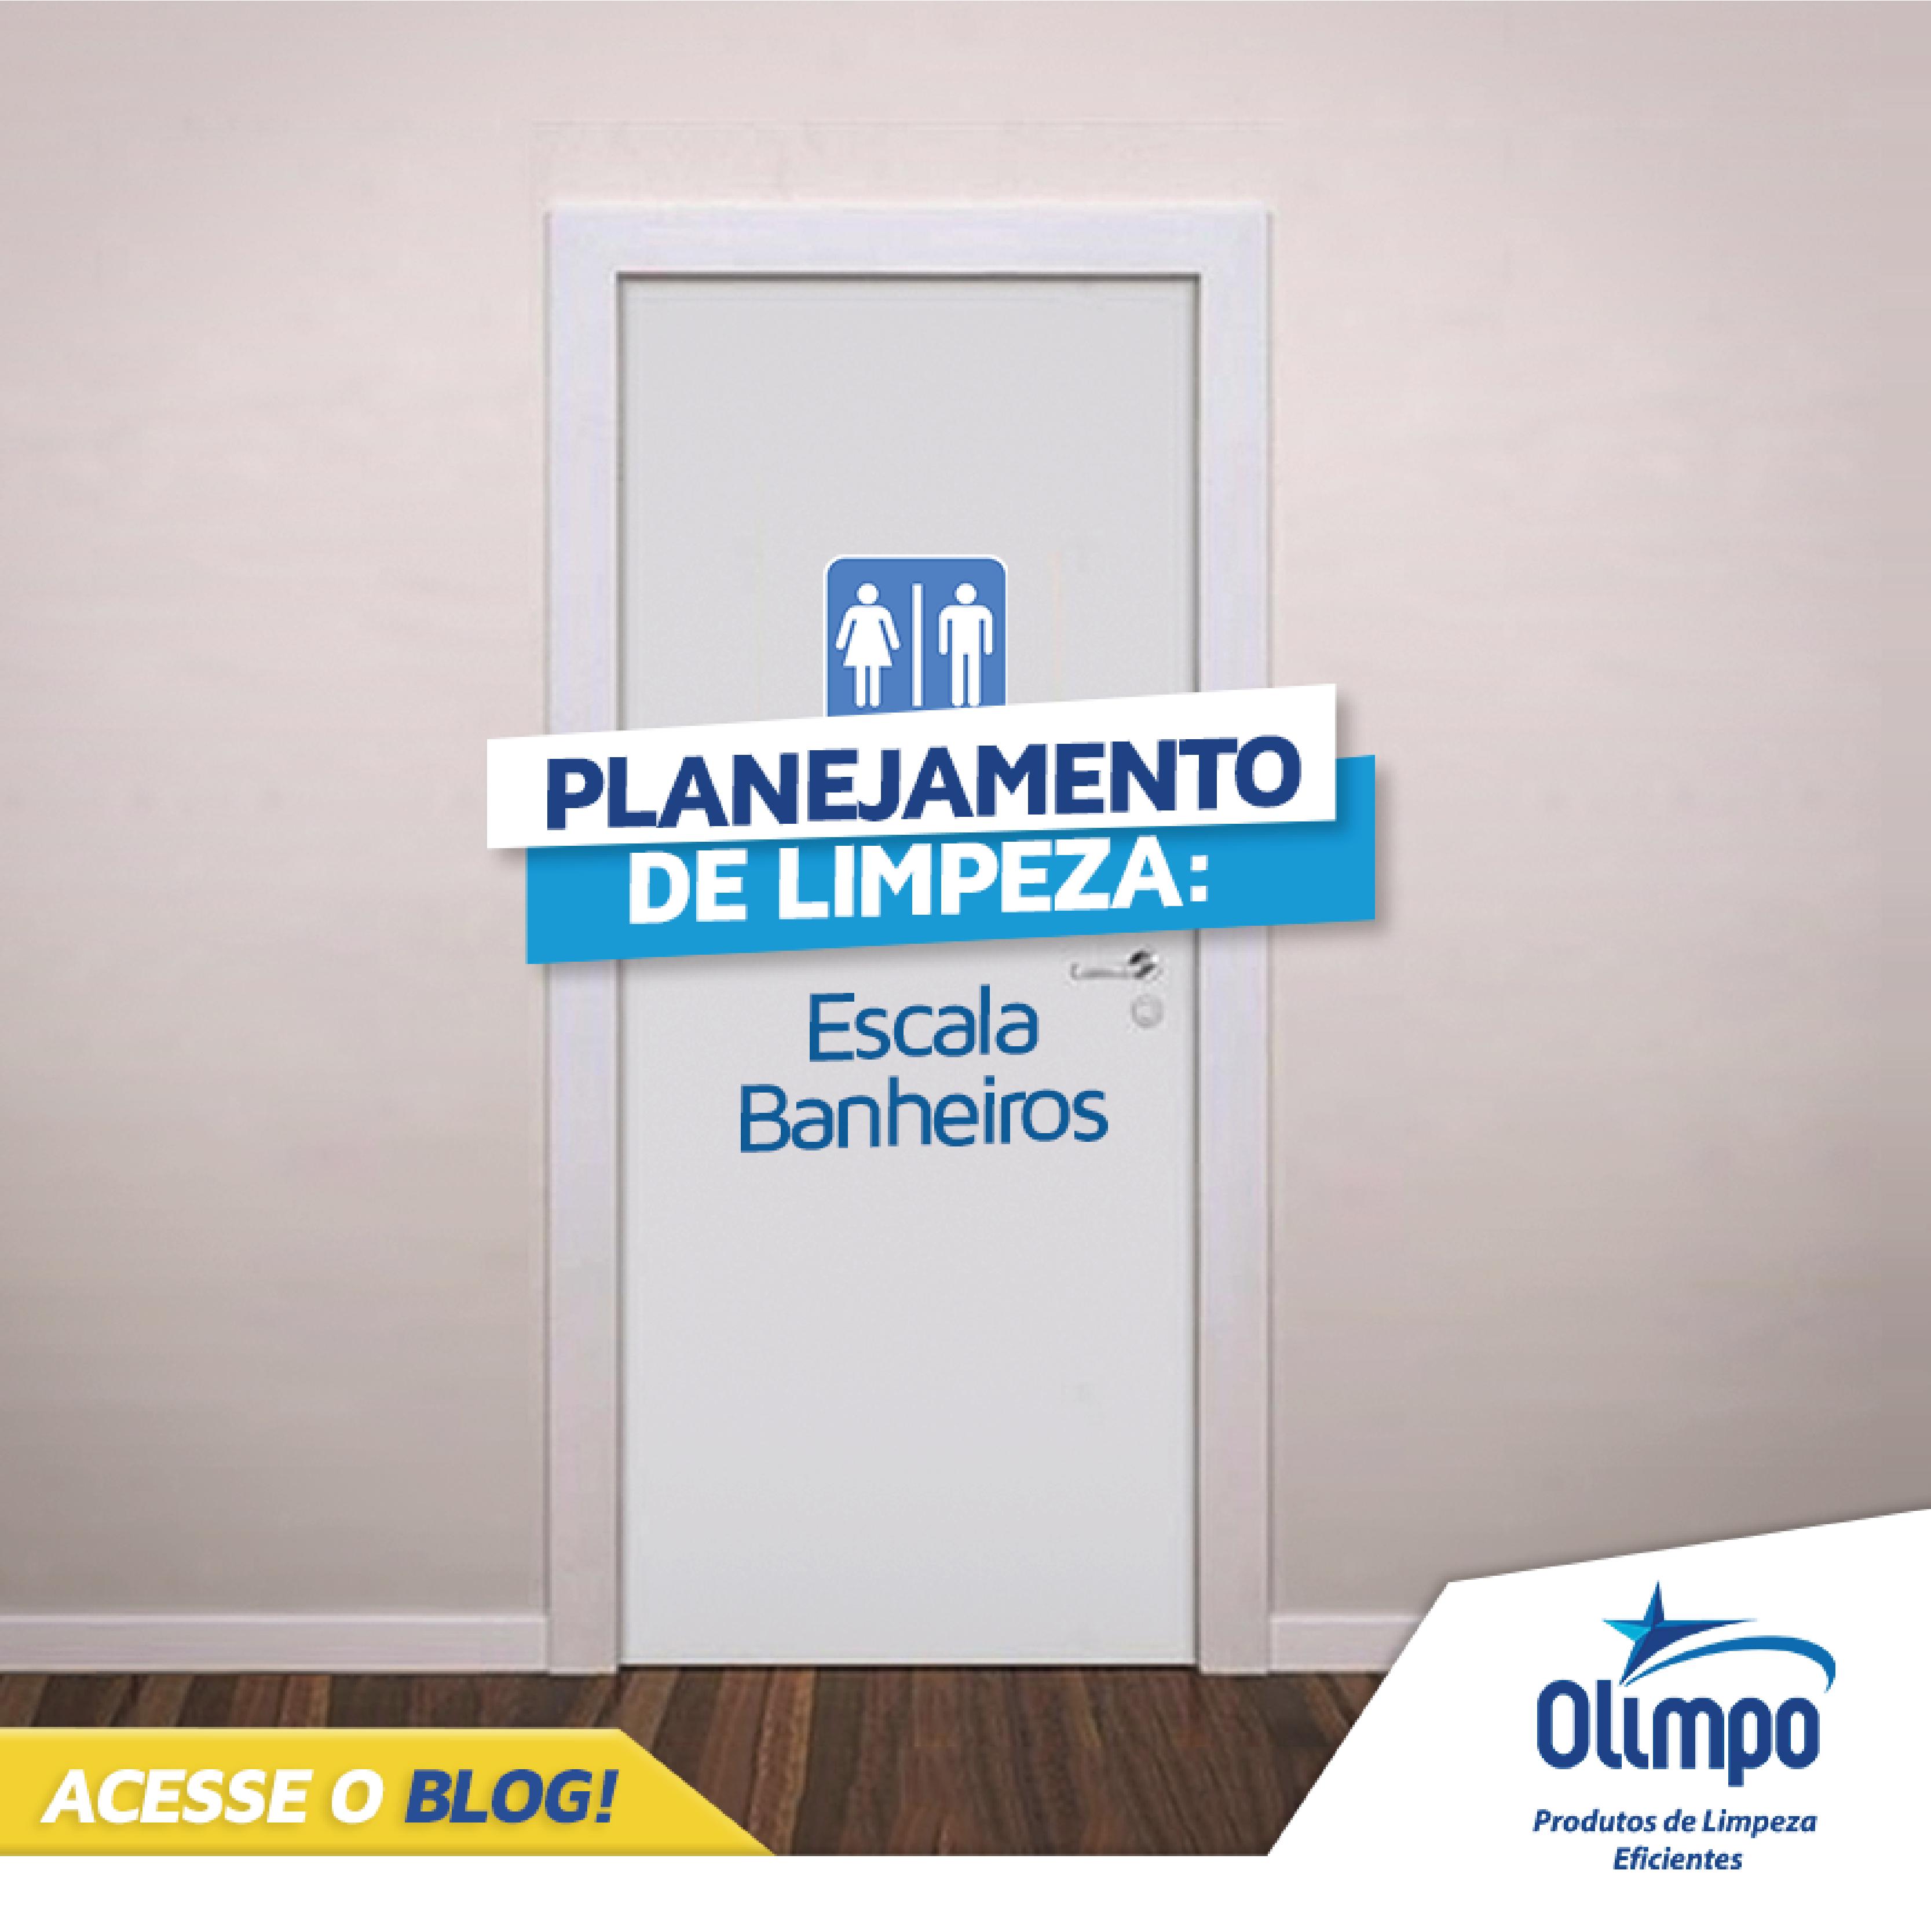 olimpo_maio_OLIMPO_PLANEJAMENTO_LIMPEZA